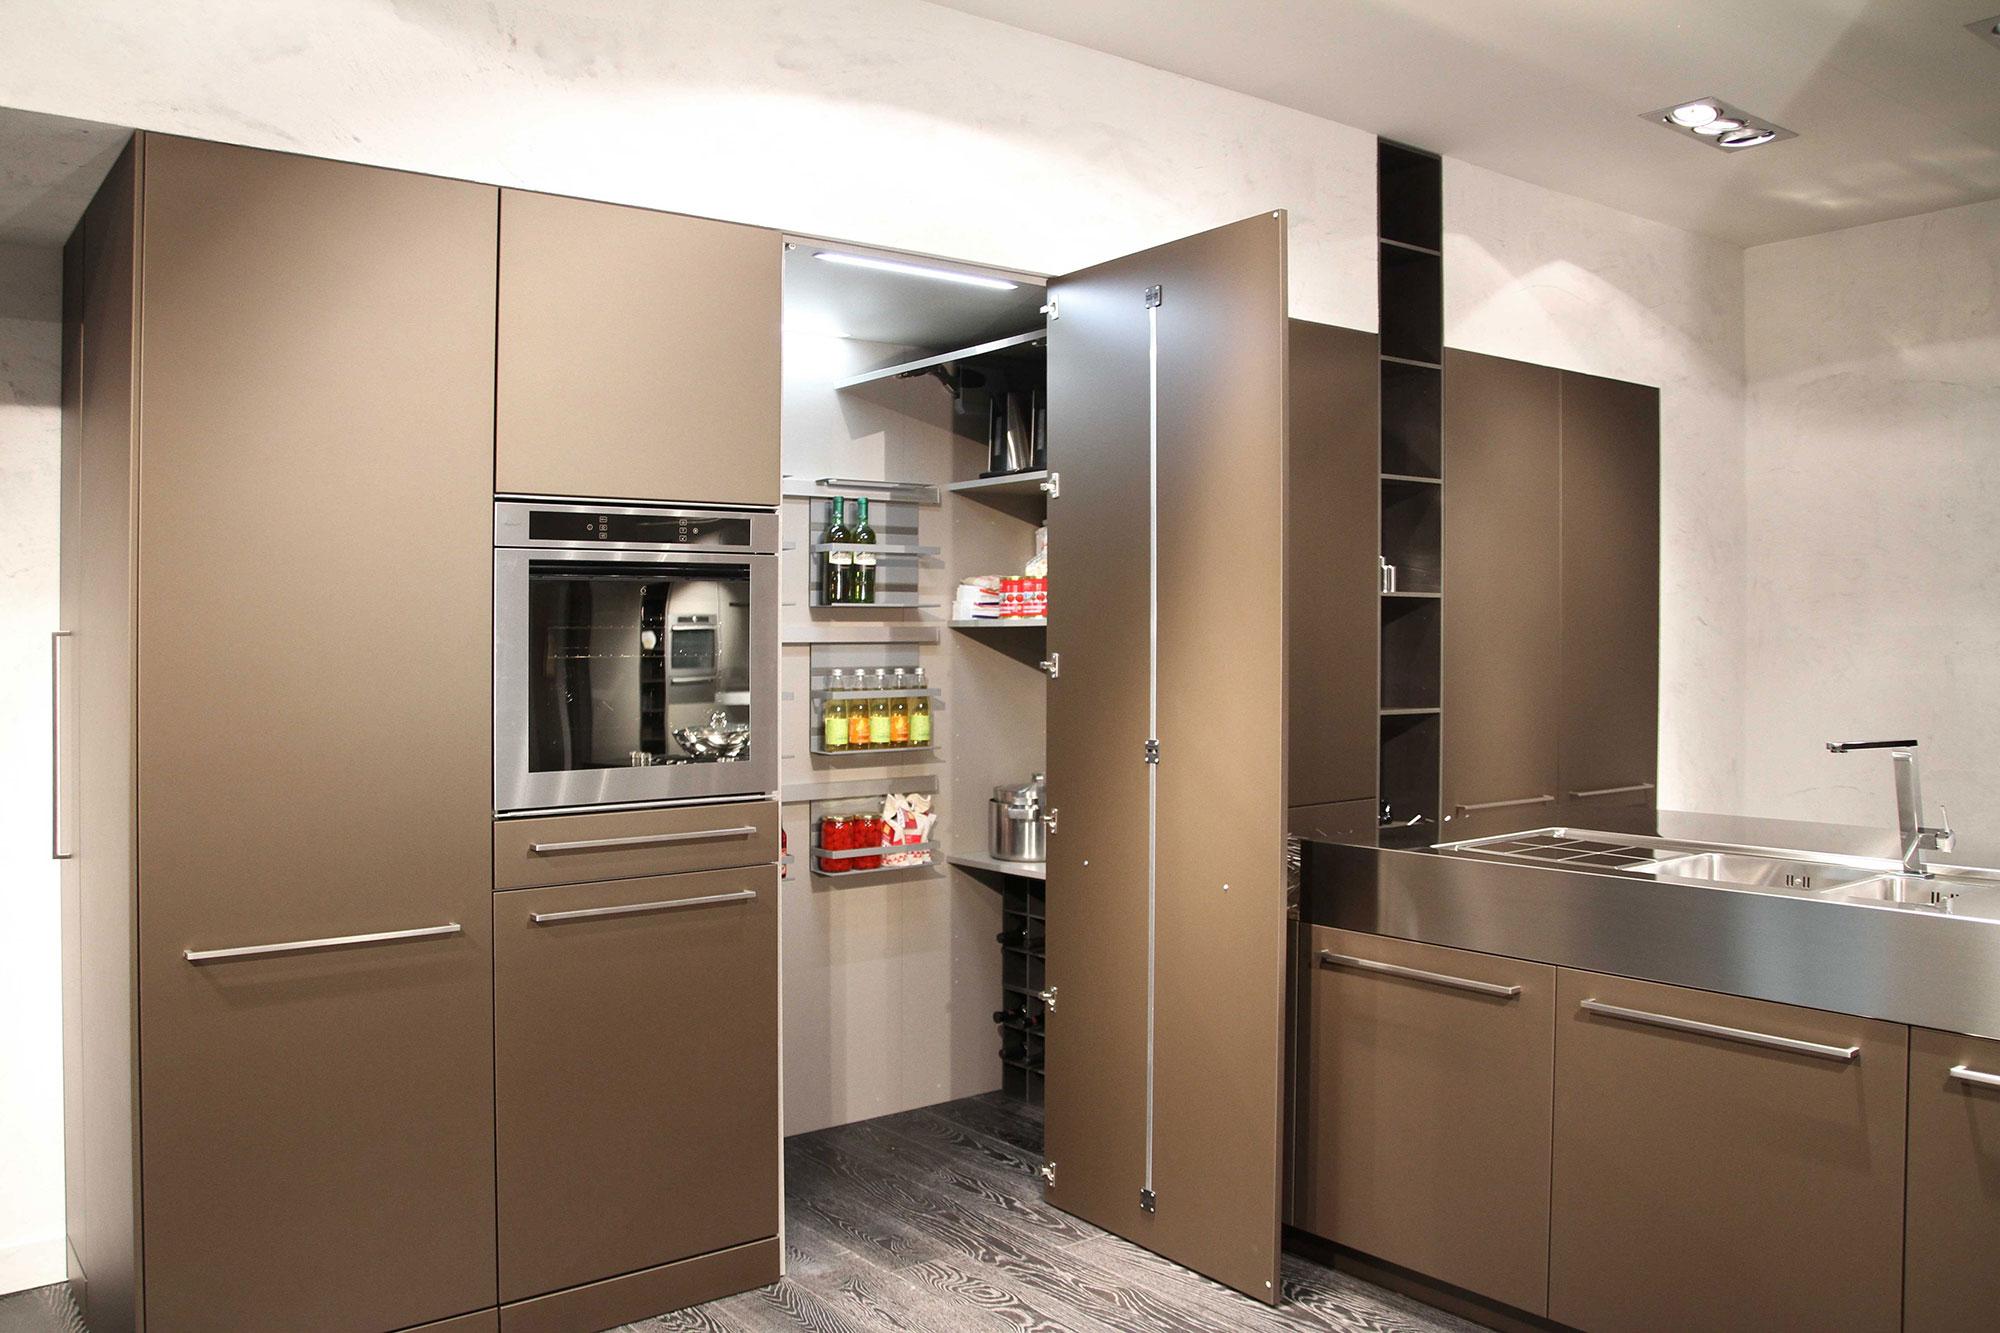 snaidero tout est dans l 39 armoire cuisines et bains. Black Bedroom Furniture Sets. Home Design Ideas